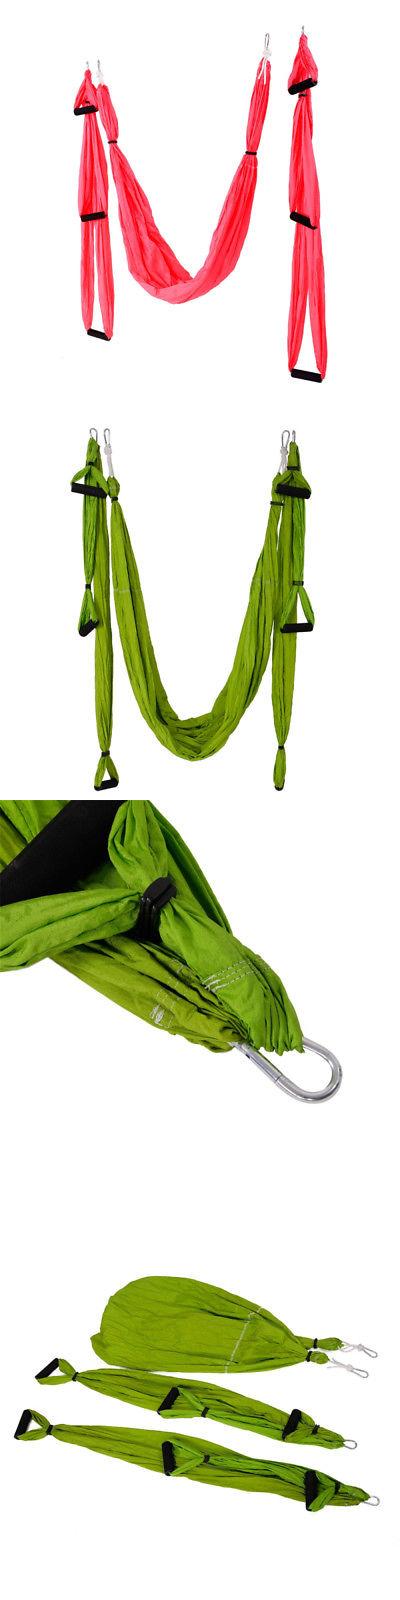 yoga props 179809  yoga prop trapeze anti gravity inversion for aerial yoga hammock   u003e yoga props 179809  yoga prop trapeze anti gravity inversion for      rh   pinterest